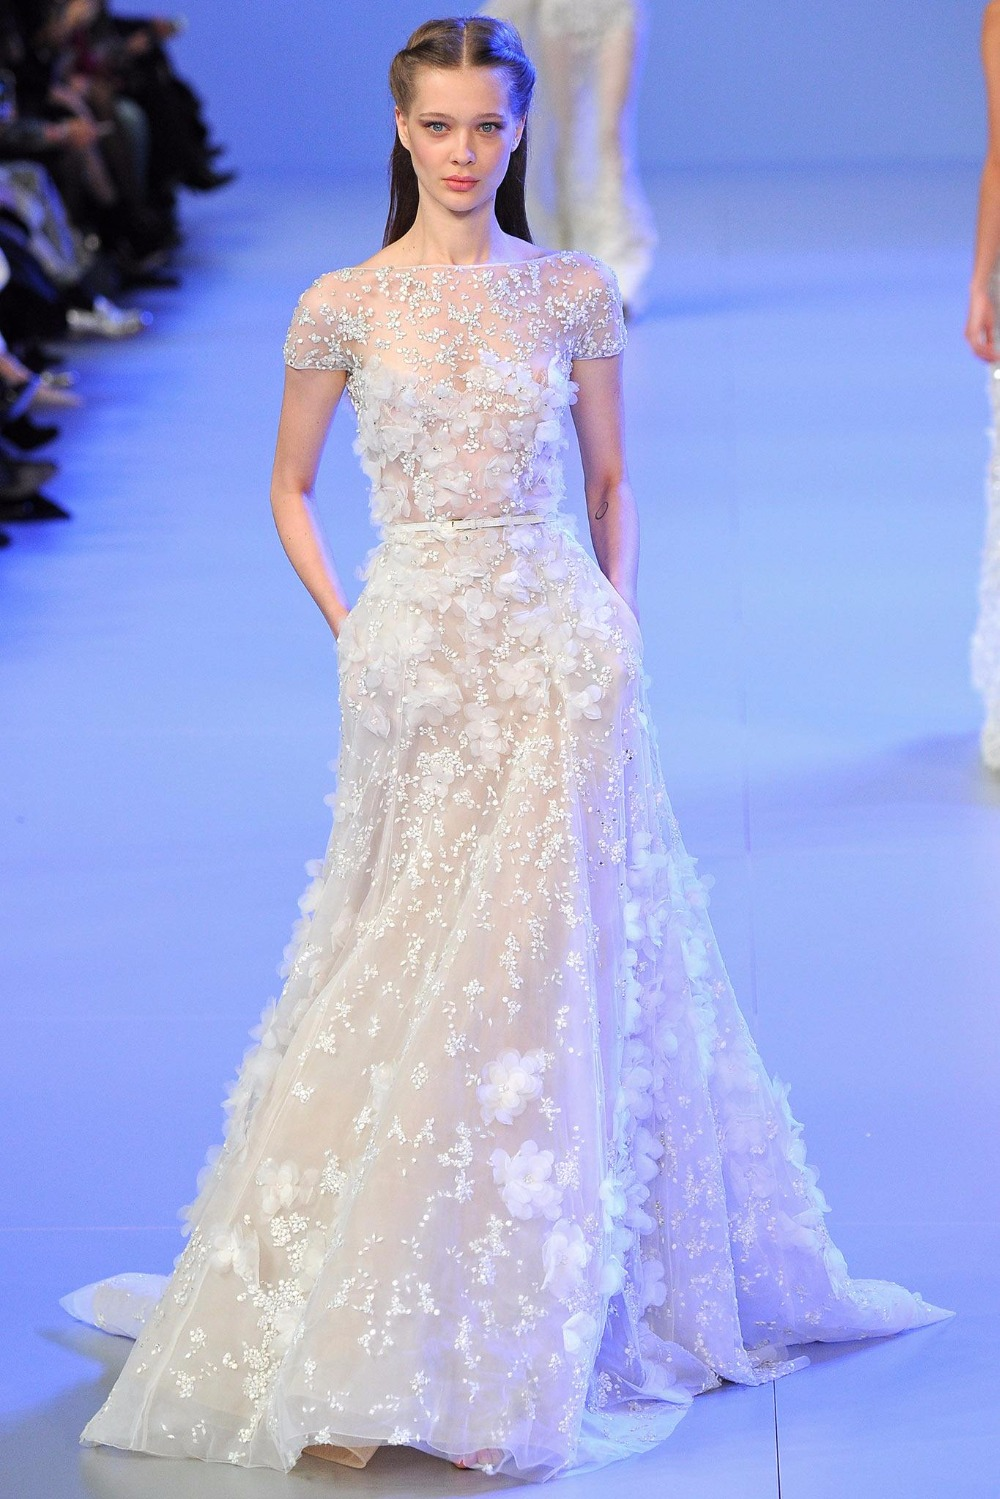 Elie_Saab robes de célébrité Bateau à manches courtes longueur au sol Watteau train dentelle fait à la main fleur perlée robe de soirée poches